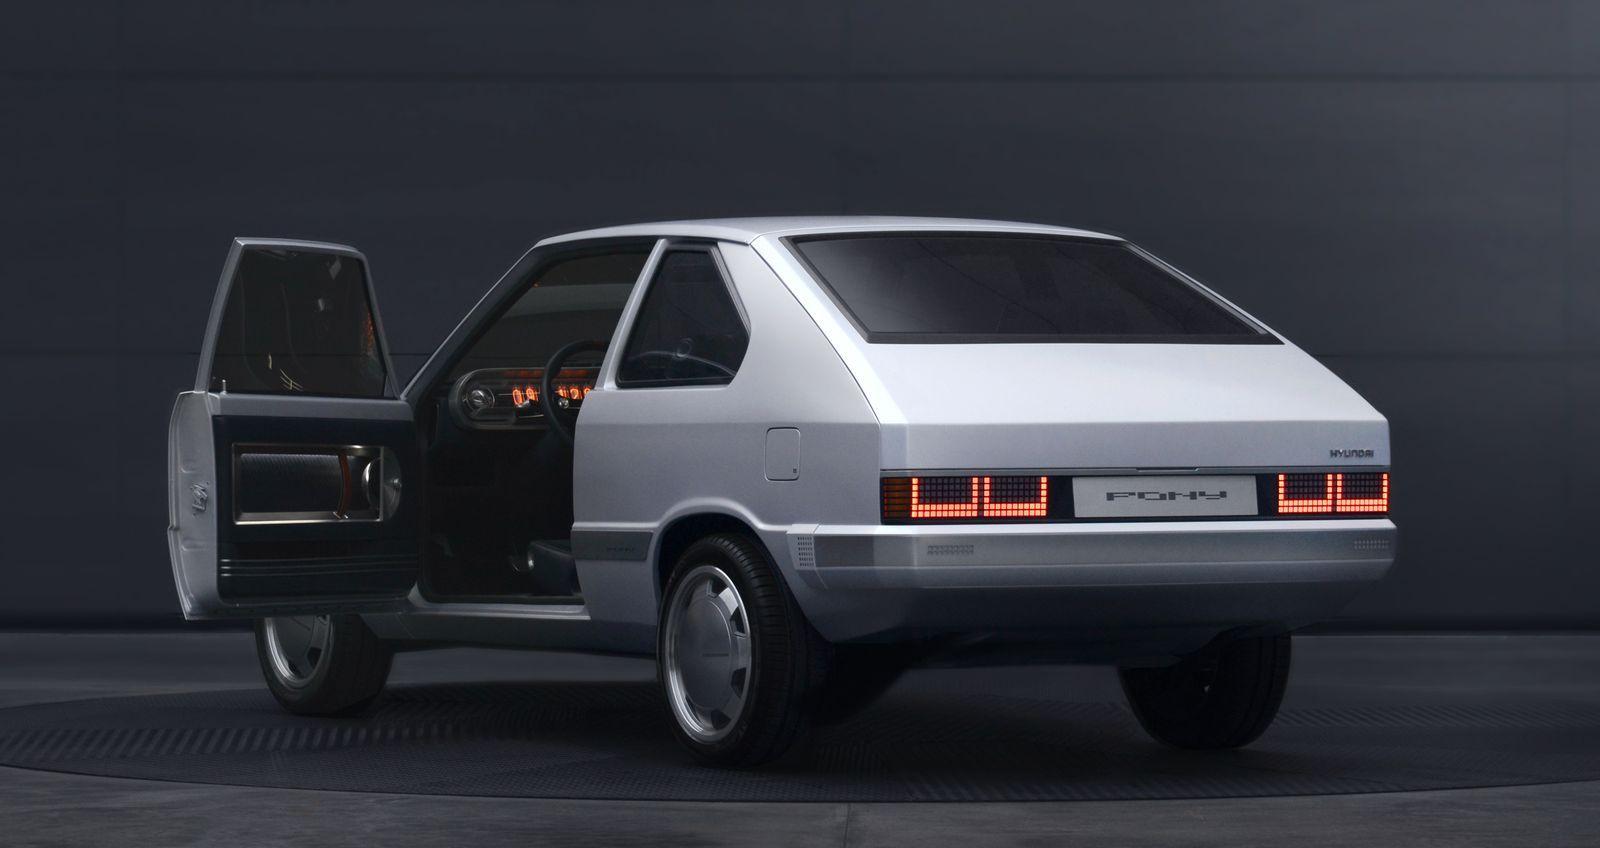 HyundaiPony_2021_AutoRok_12